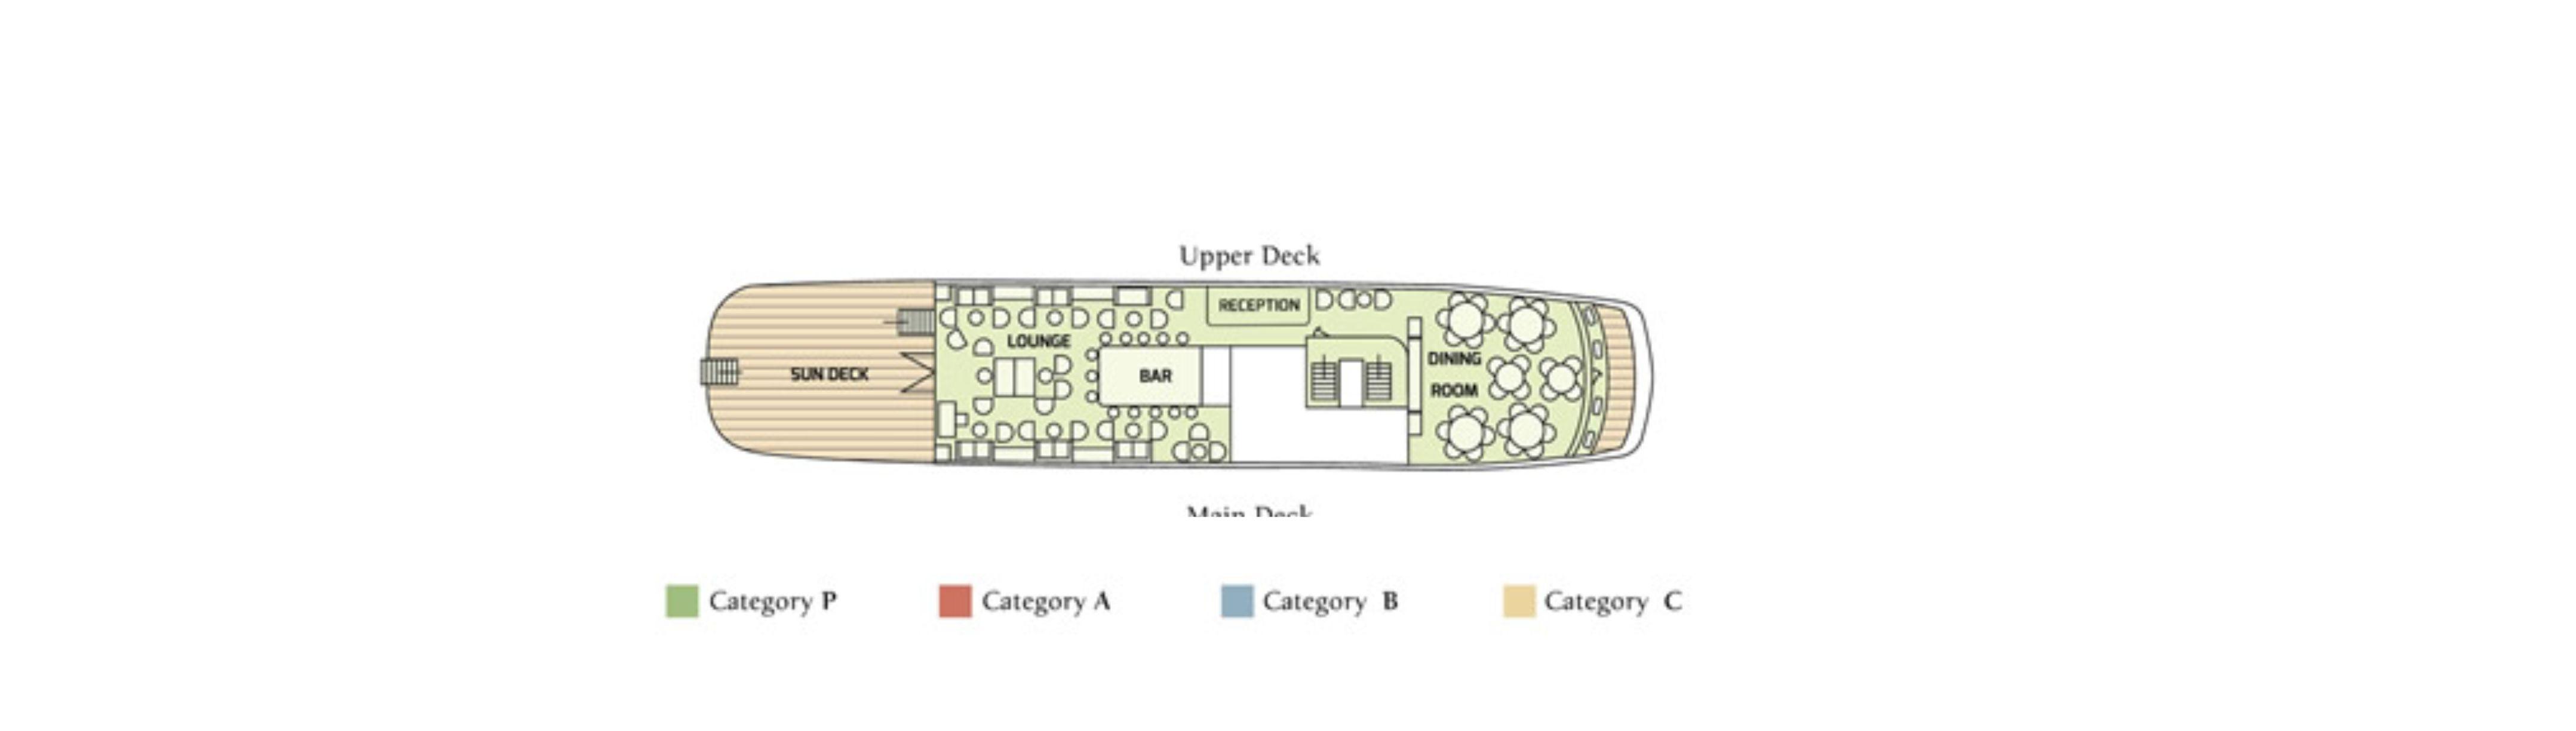 MY Callisto, Upper Deck